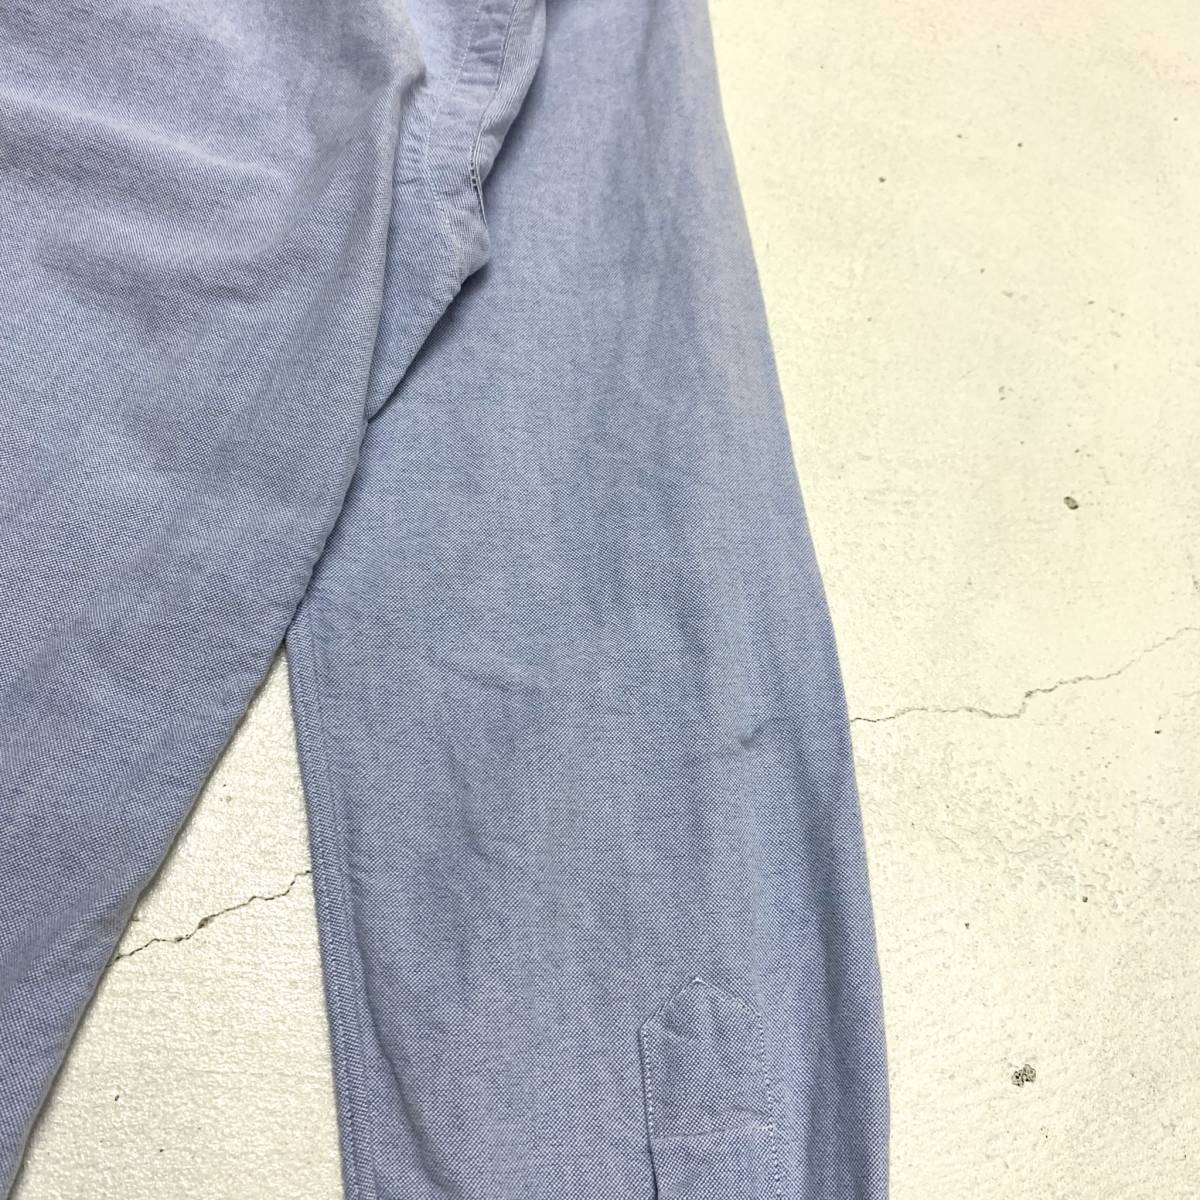 ラルフ ローレン Ralph Lauren オックスフォード シャツ Sサイズ SLIM FIT ブルー マチ付き 長袖 古着 ボタンダウン_画像5